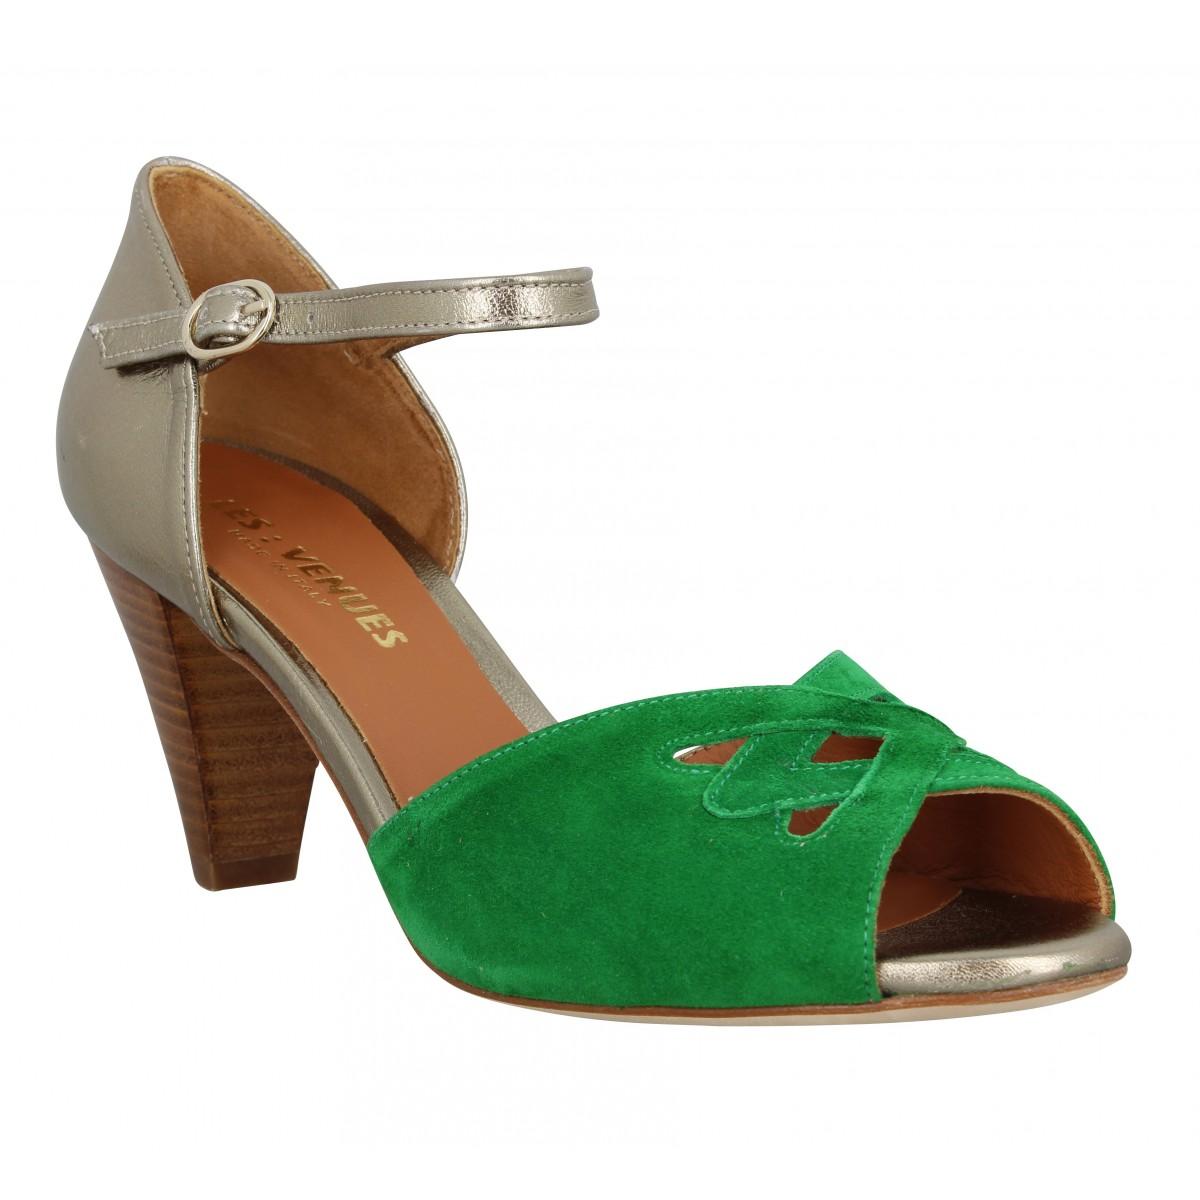 Sandales talons LES VENUES 3653 cuir velours Femme Platine Vert